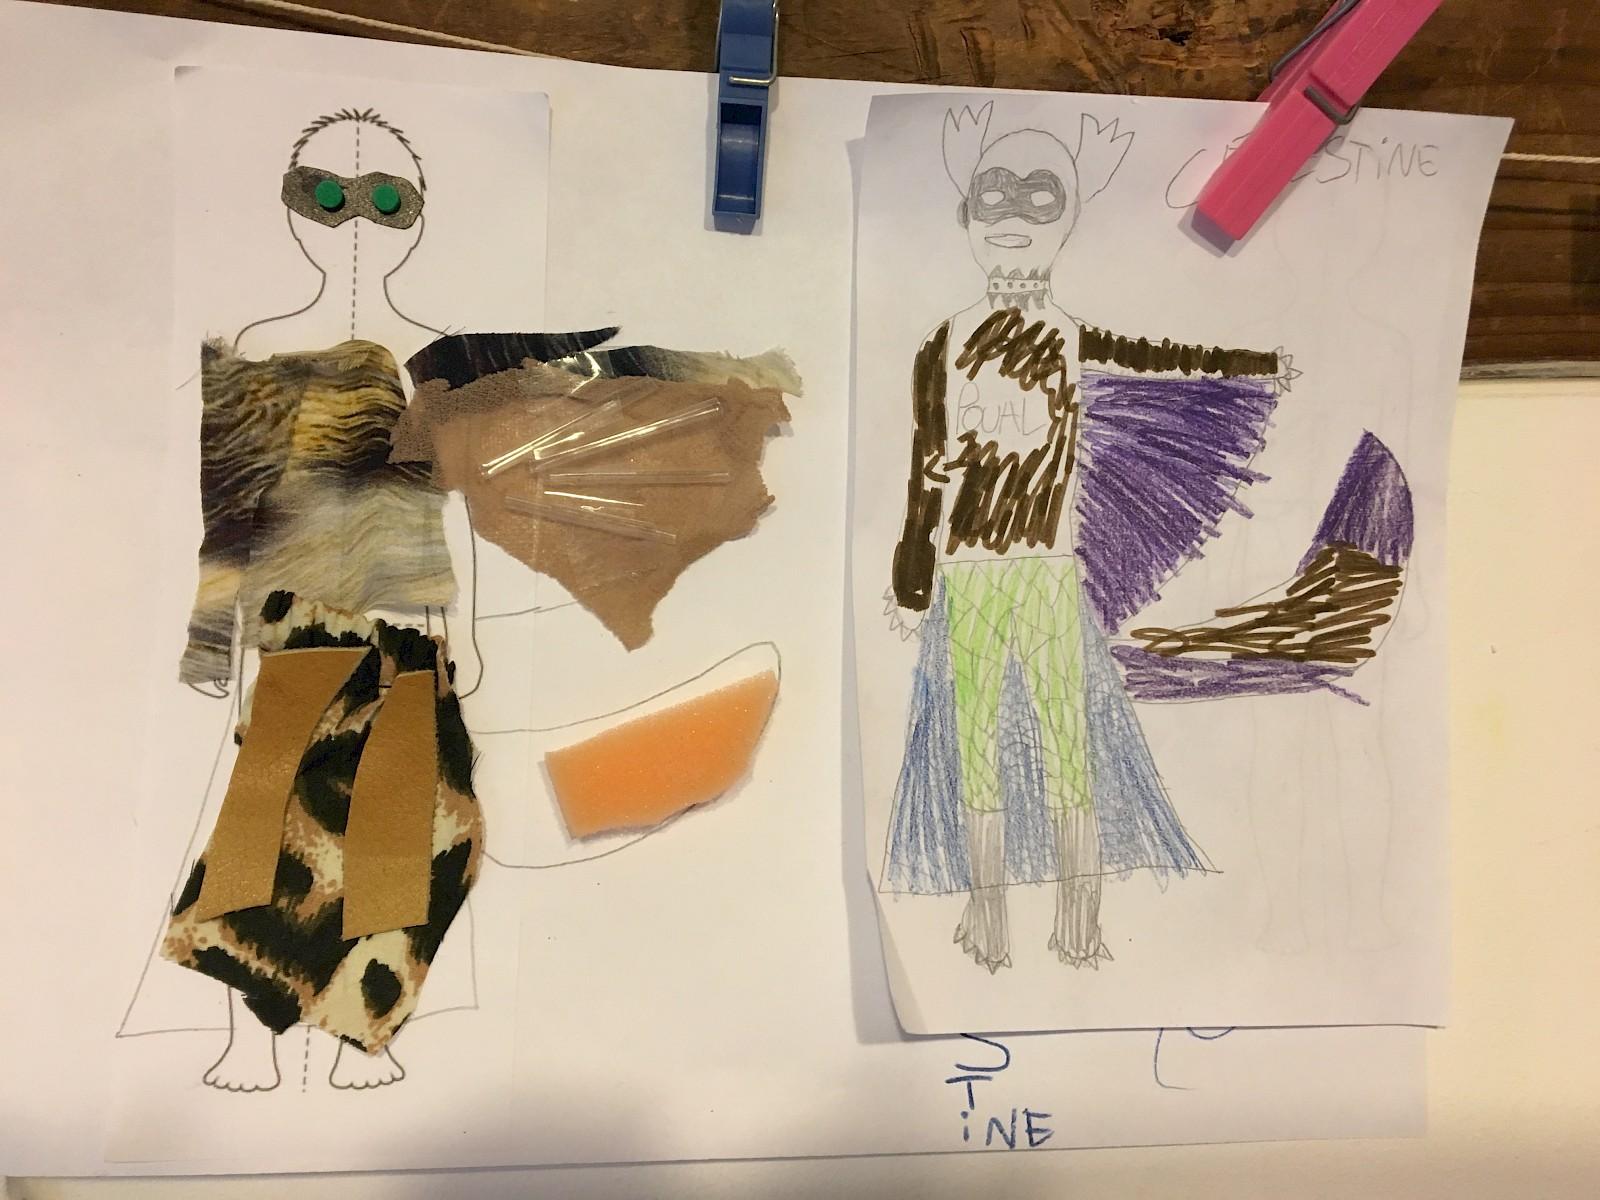 Image - Workshop Wilder Kids, 2019